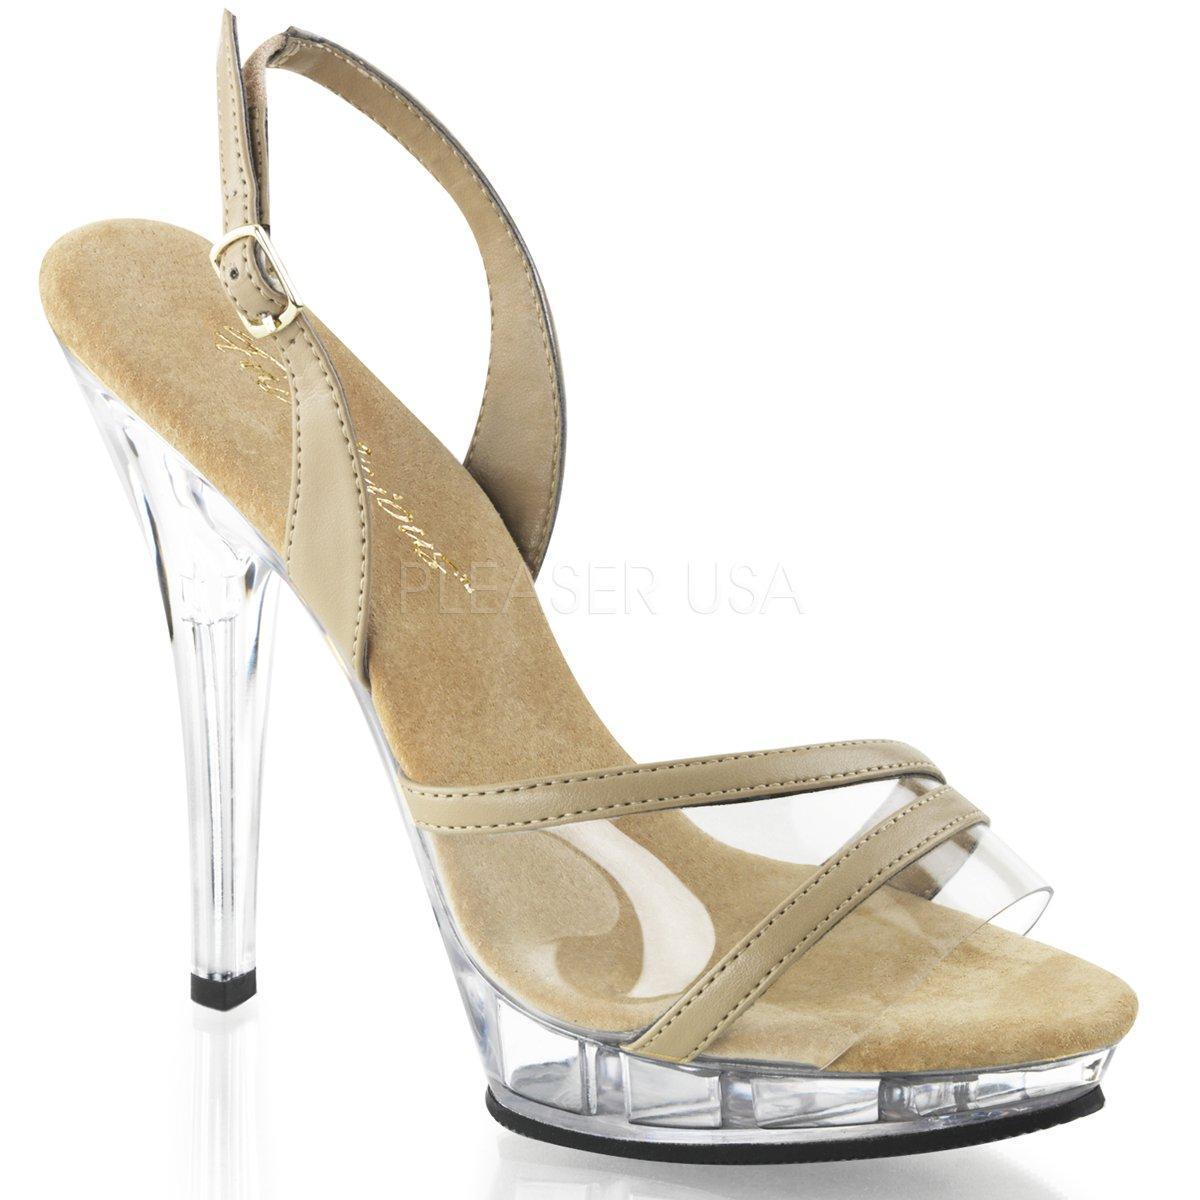 54ec9abcb7 LIP-137 Béžové společenské sandálky na vysokém podpatku